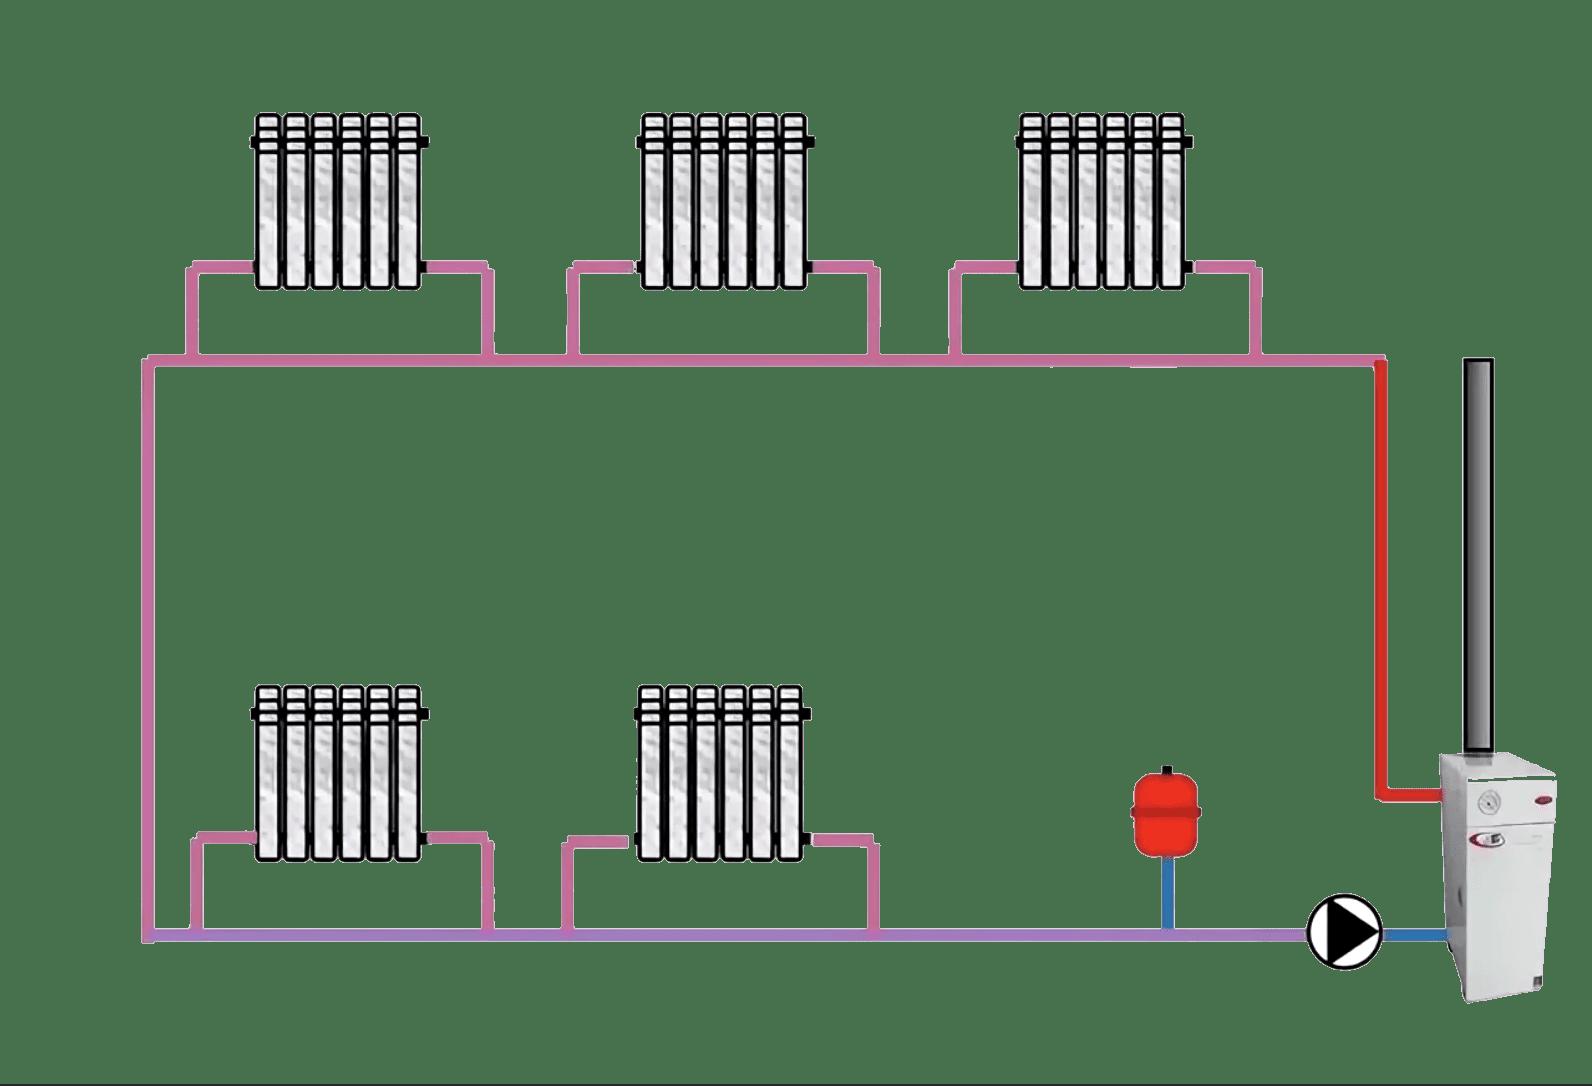 """Система """"ленинградка"""" - разновидность однотрубного отопления с параллельным расположеним радиаторов, что позволяет уменьшить снижение температуры при прохождении через систему теплоносителя"""